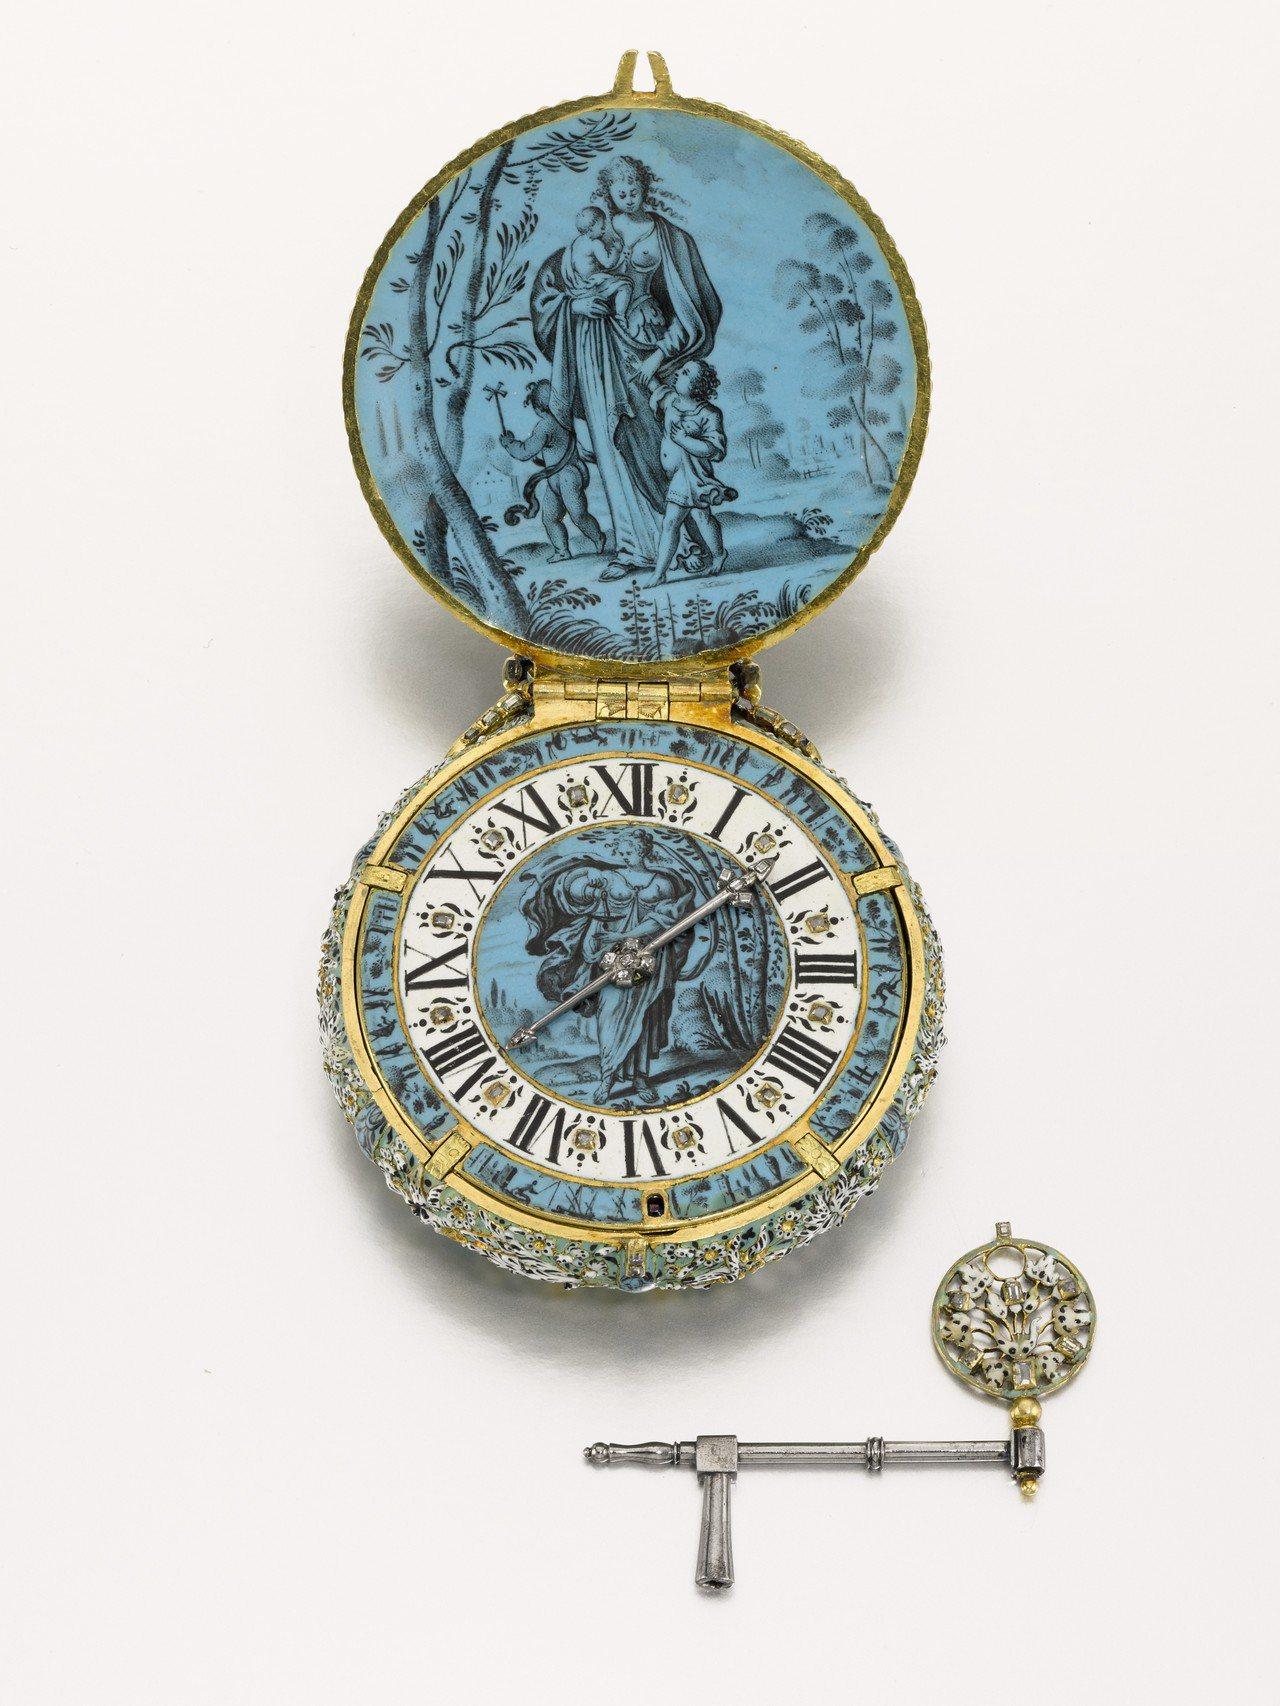 2019年7月3日於倫敦舉辦的「稀世瑰寶」專拍,領拍之作為約1650年時巴黎製表...